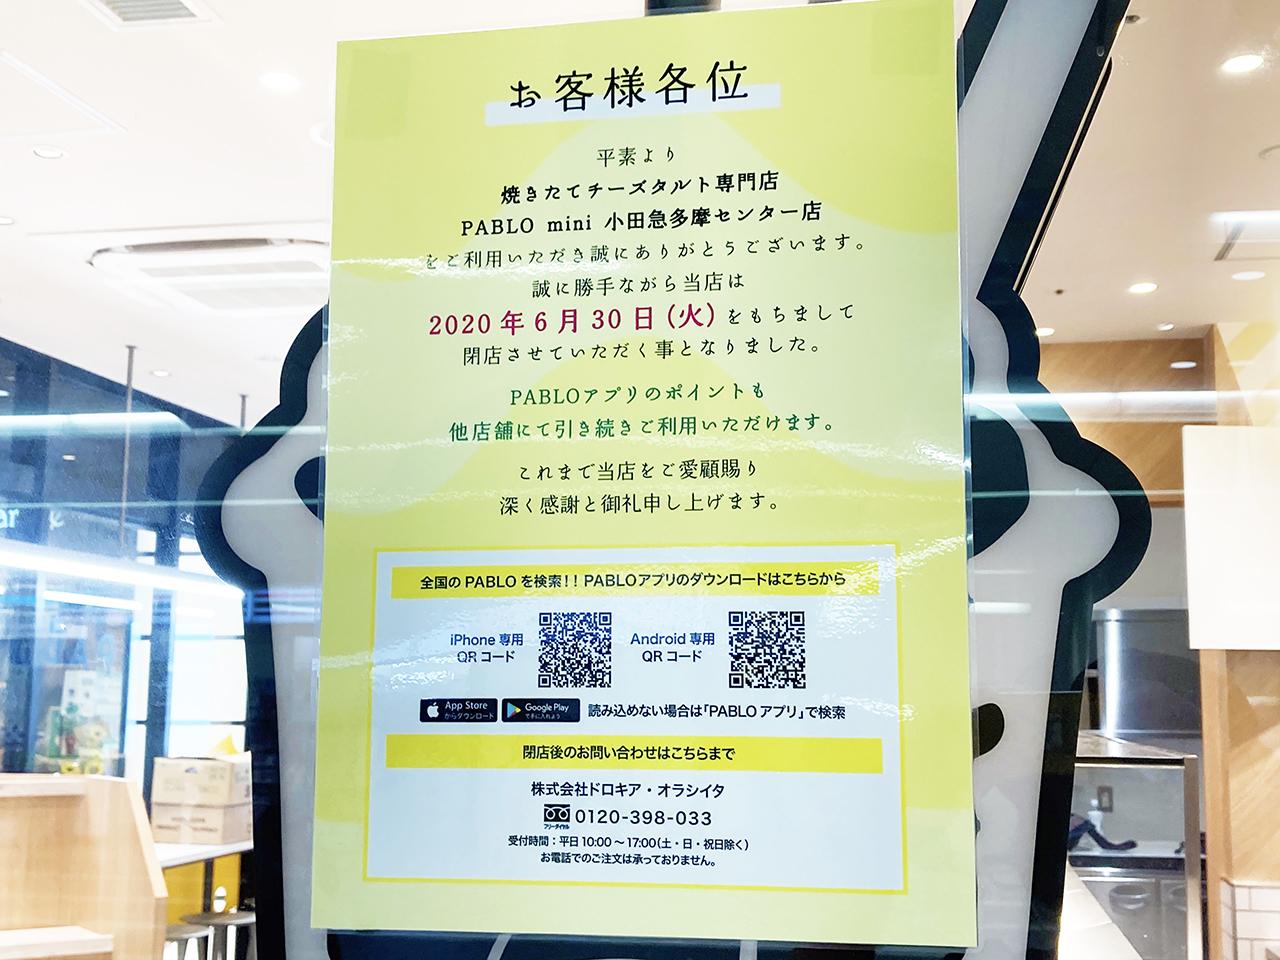 パブロミニ小田急多摩センター店が閉店するそうです